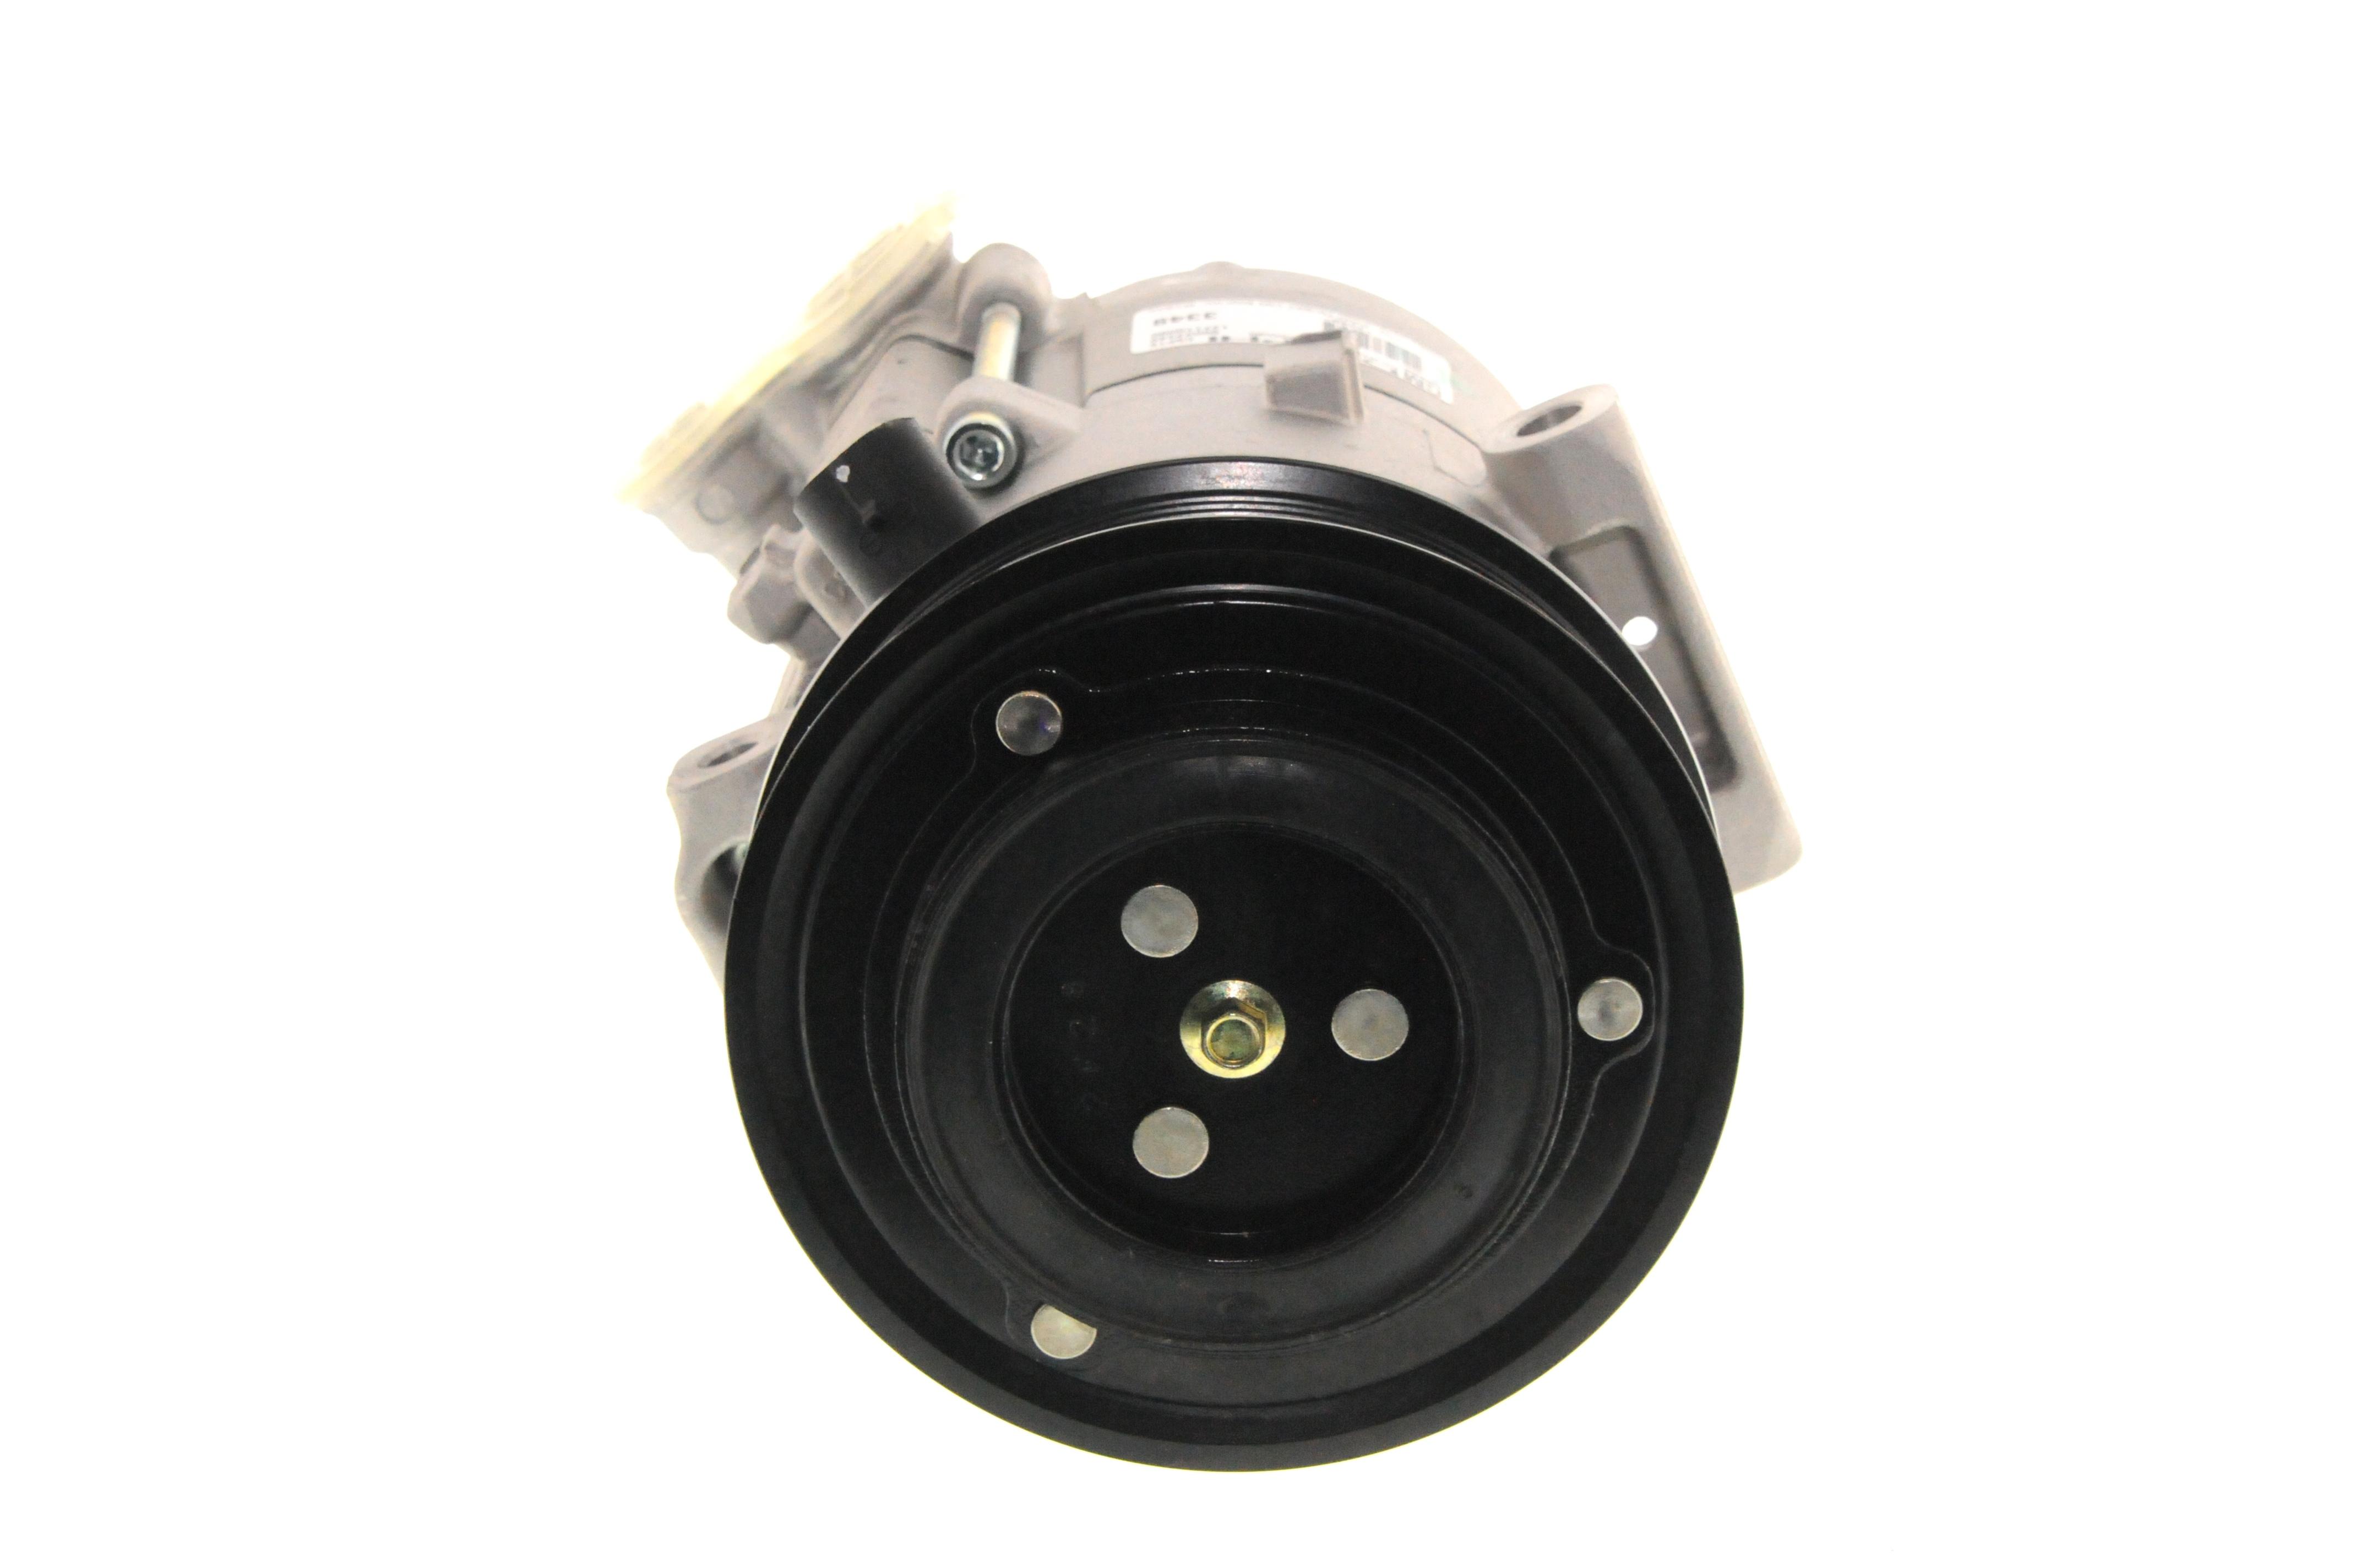 ACDELCO GM ORIGINAL EQUIPMENT - A/C Compressor - DCB 15-22259